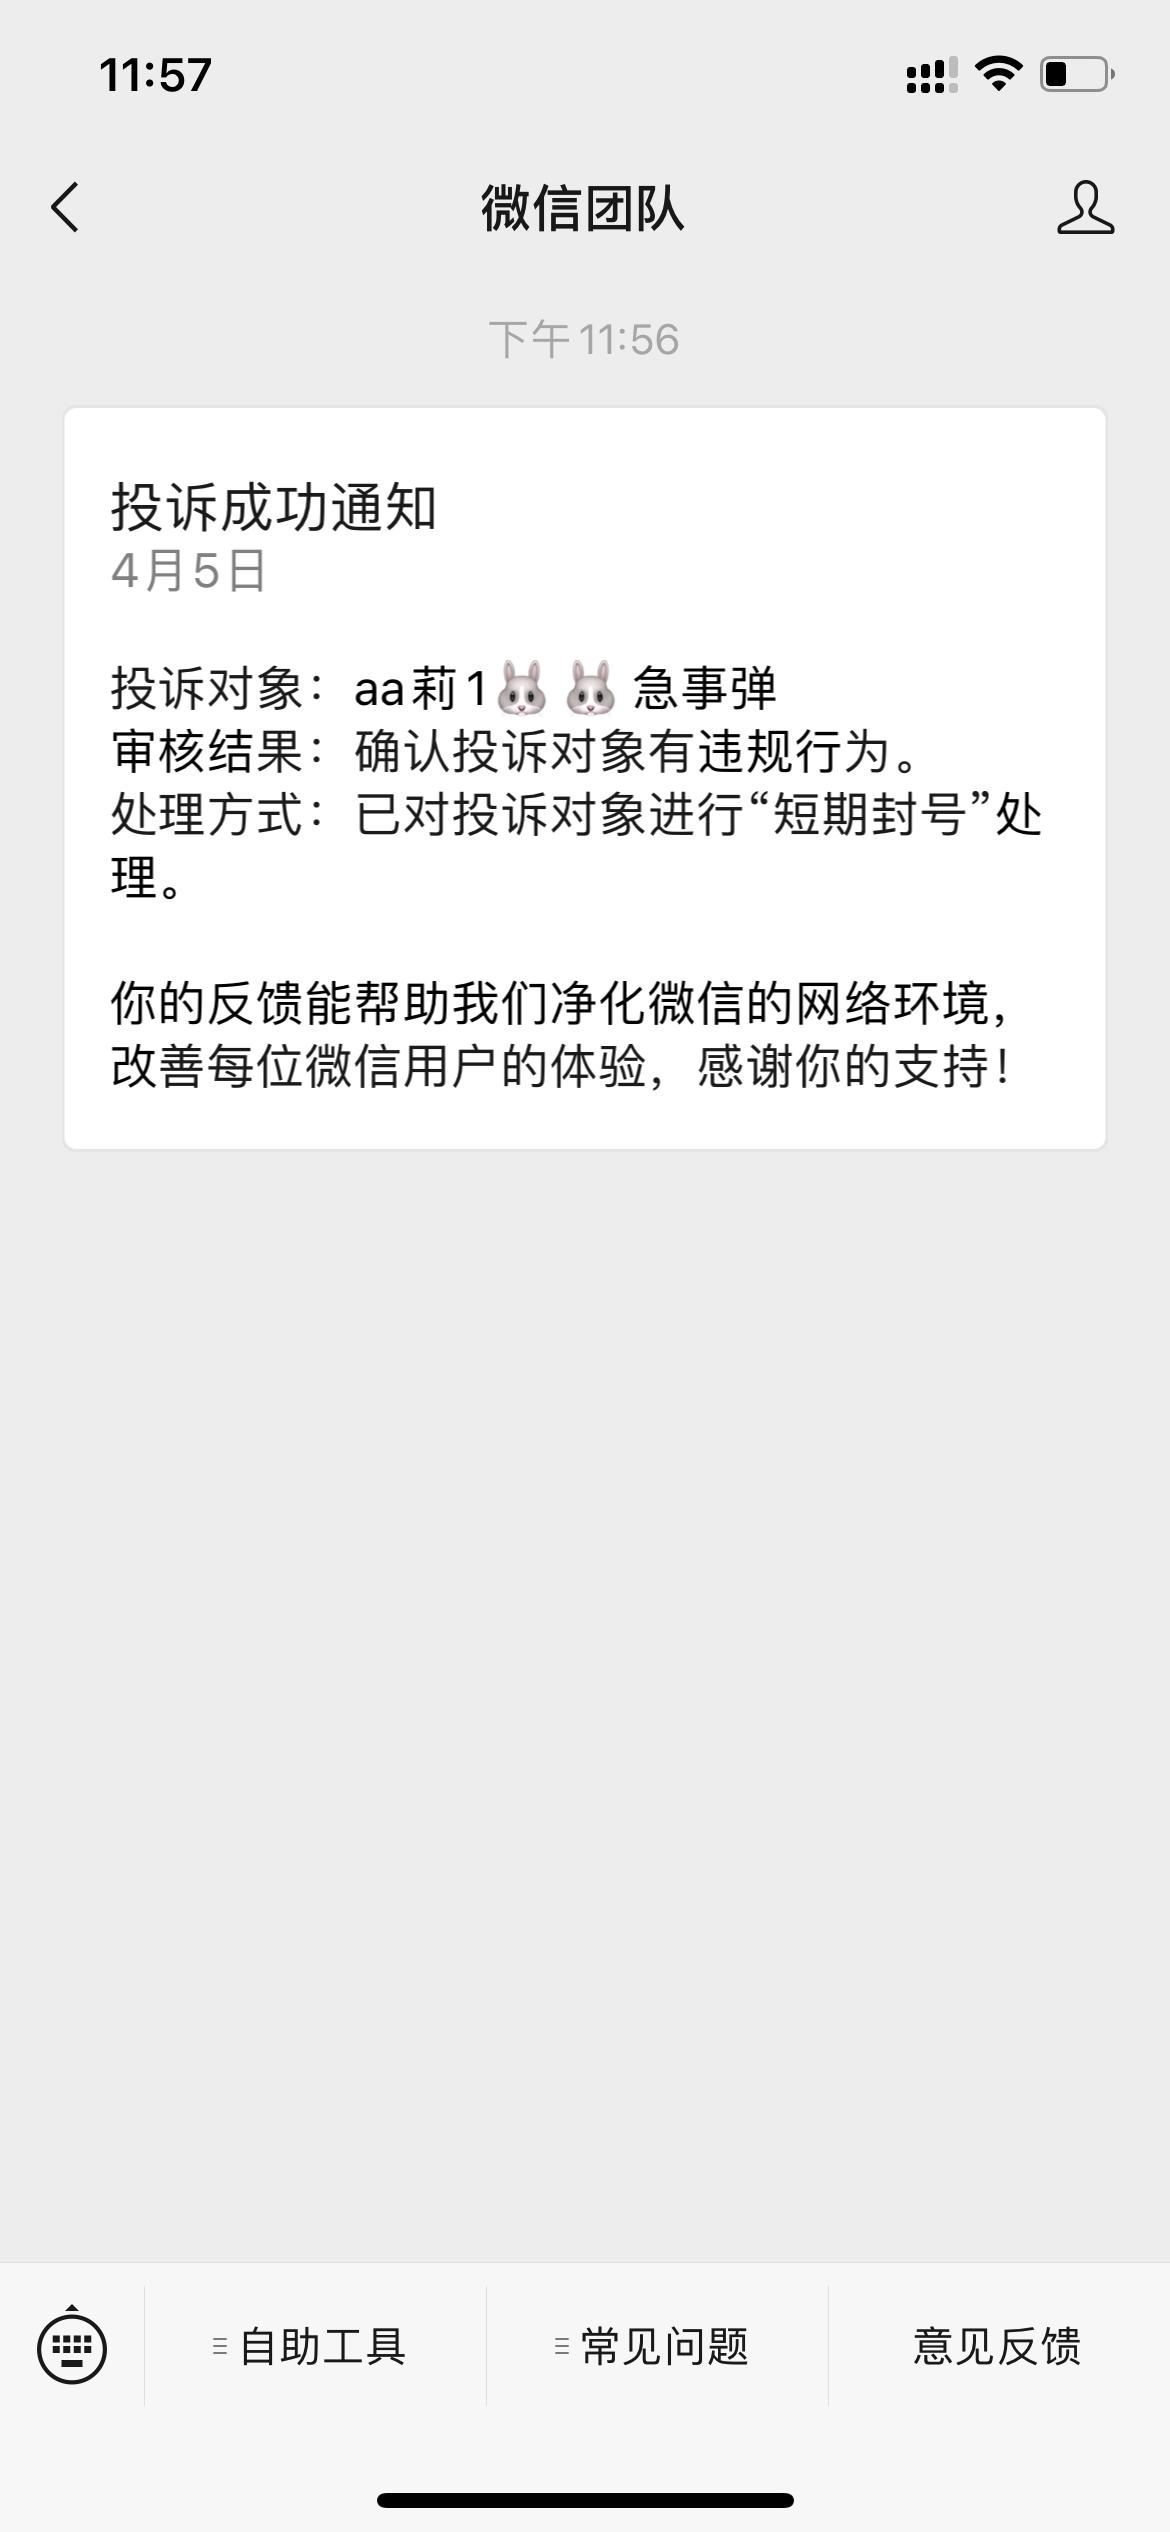 微信卖给黄牛购物卡被骗